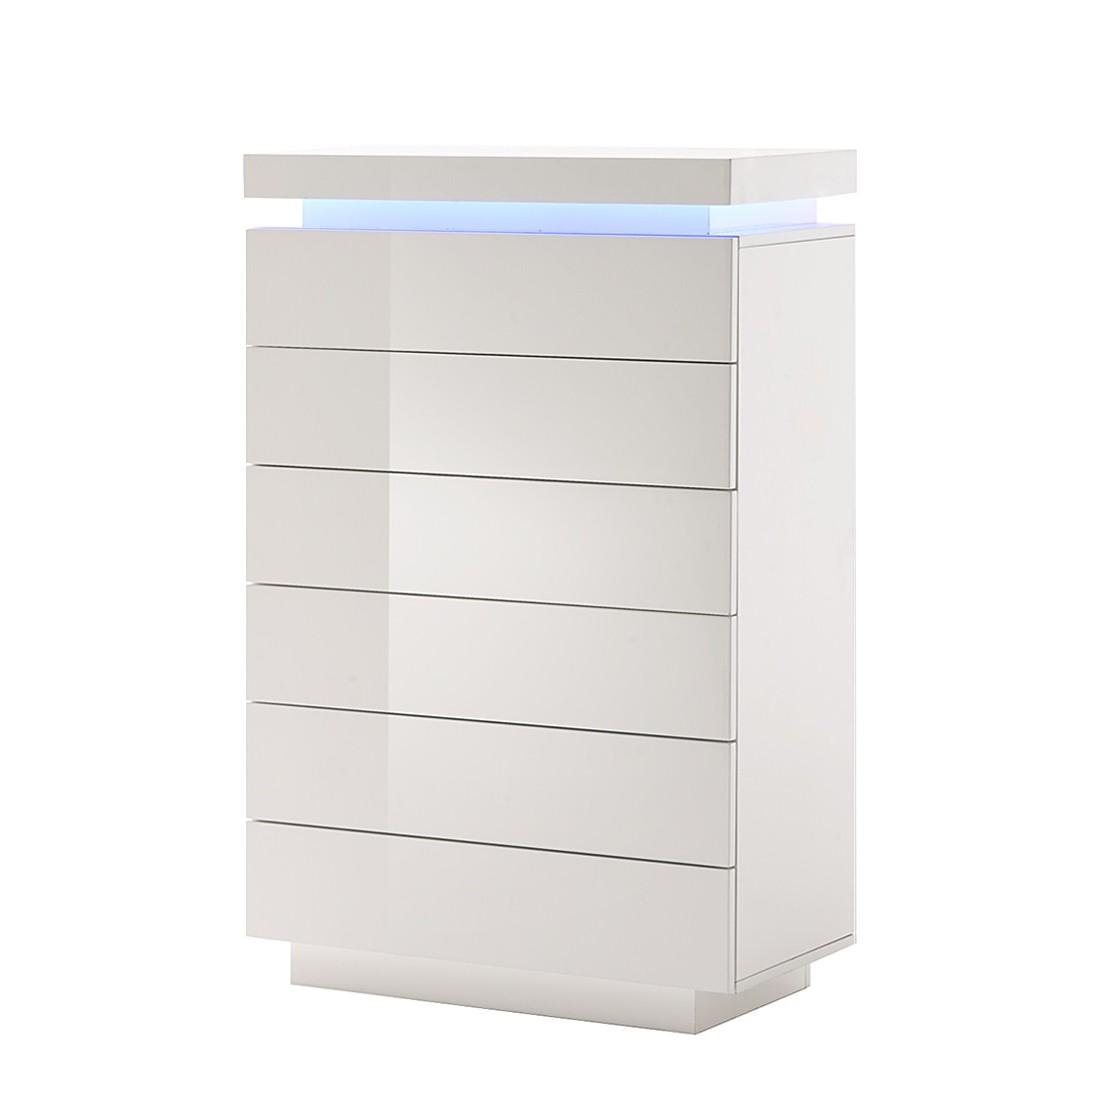 Kommode Emblaze 1 Hochglanz Weiß Inkl Led Beleuchtung Schrank